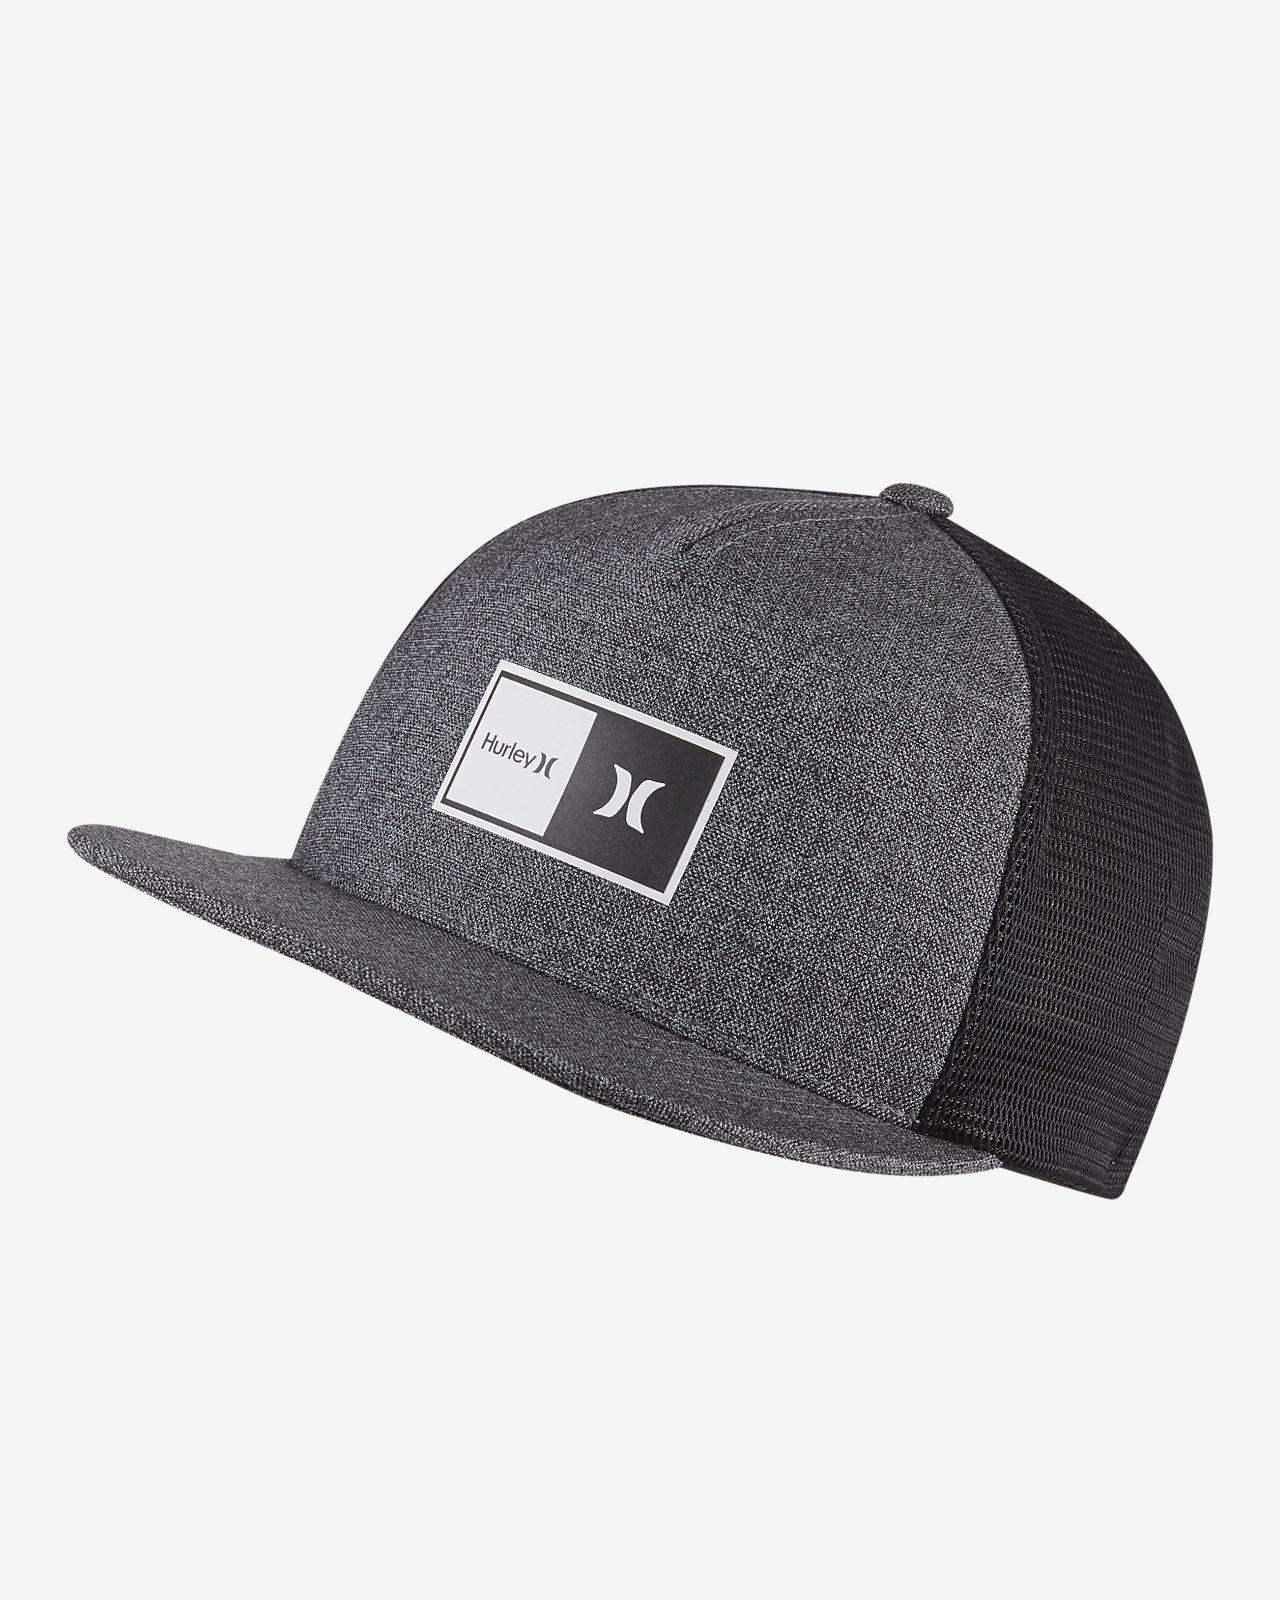 Hurley Natural 2.0 Men's Trucker Hat